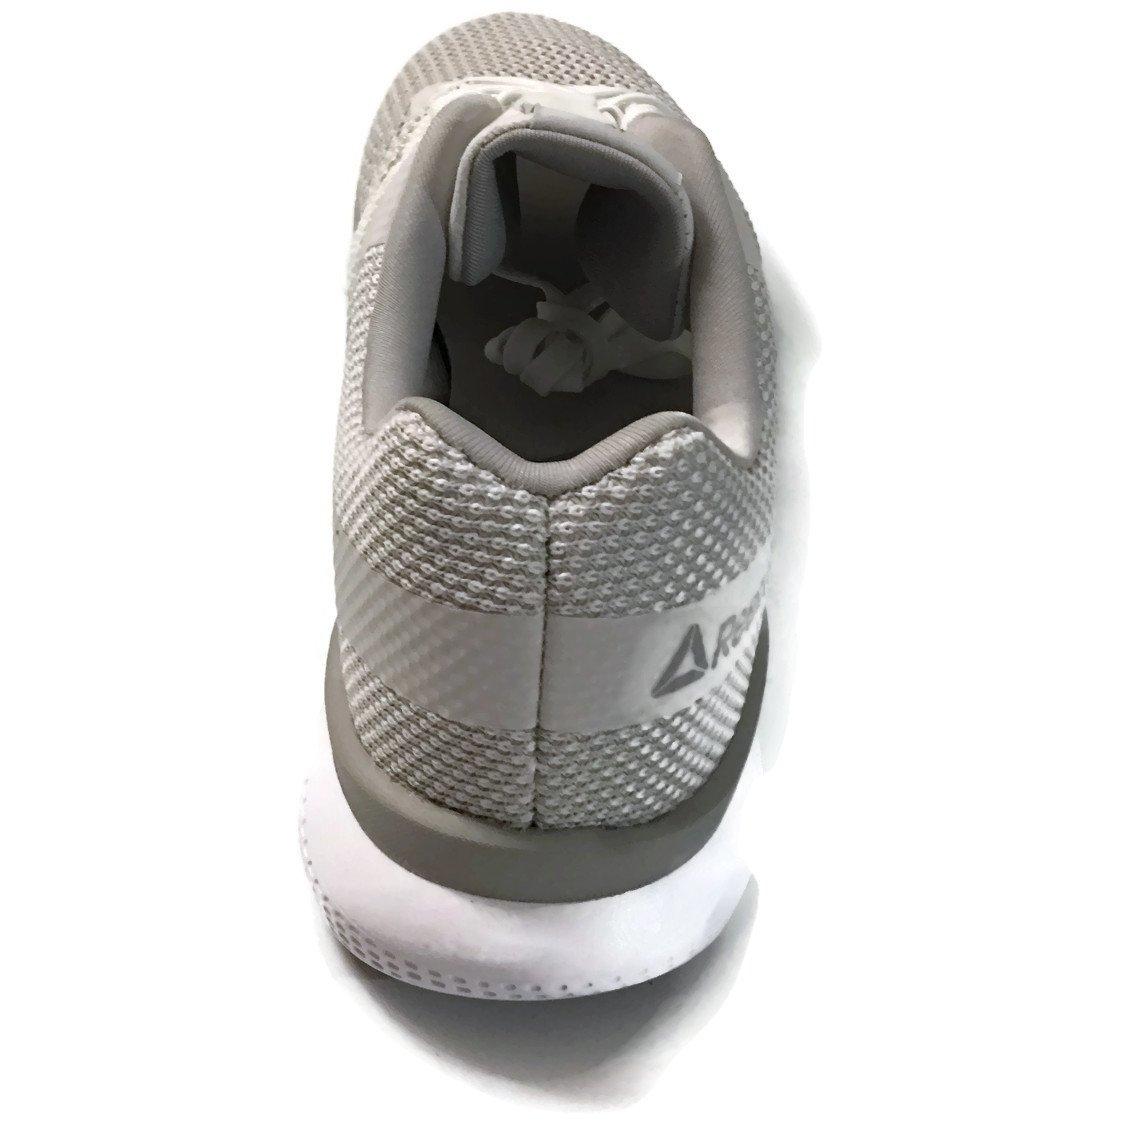 Reebok Women's Print Prime Runner Sneaker B077T8FGTN 5.5 B(M) US|White/Steel